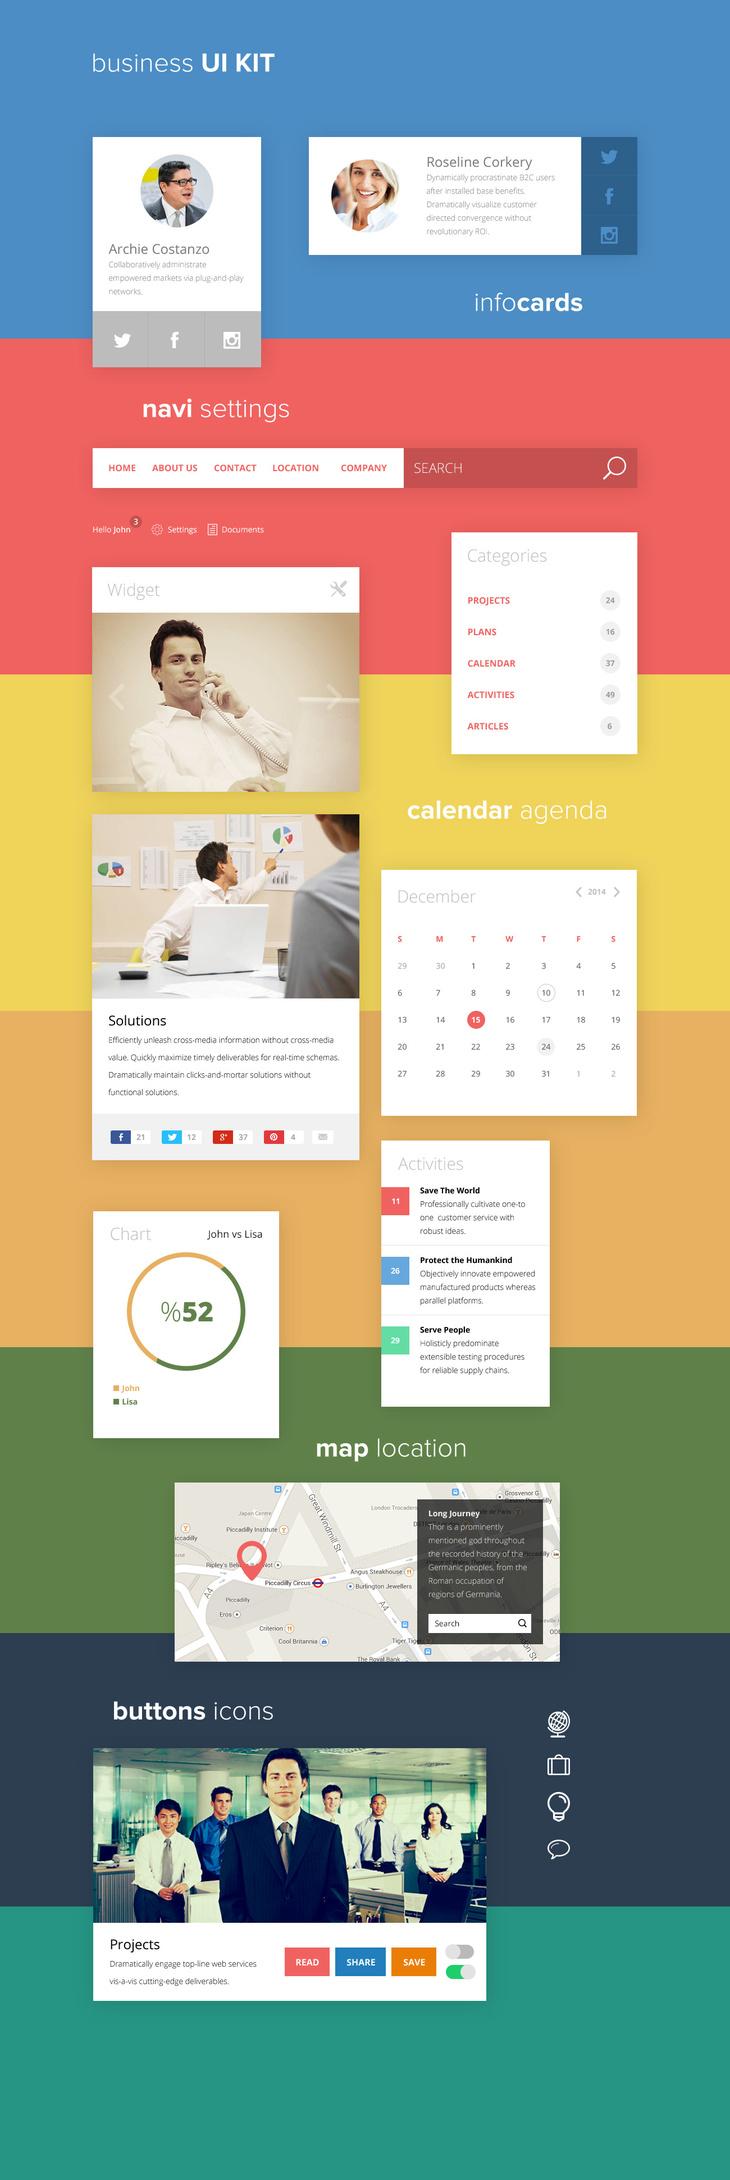 Business UI Kit